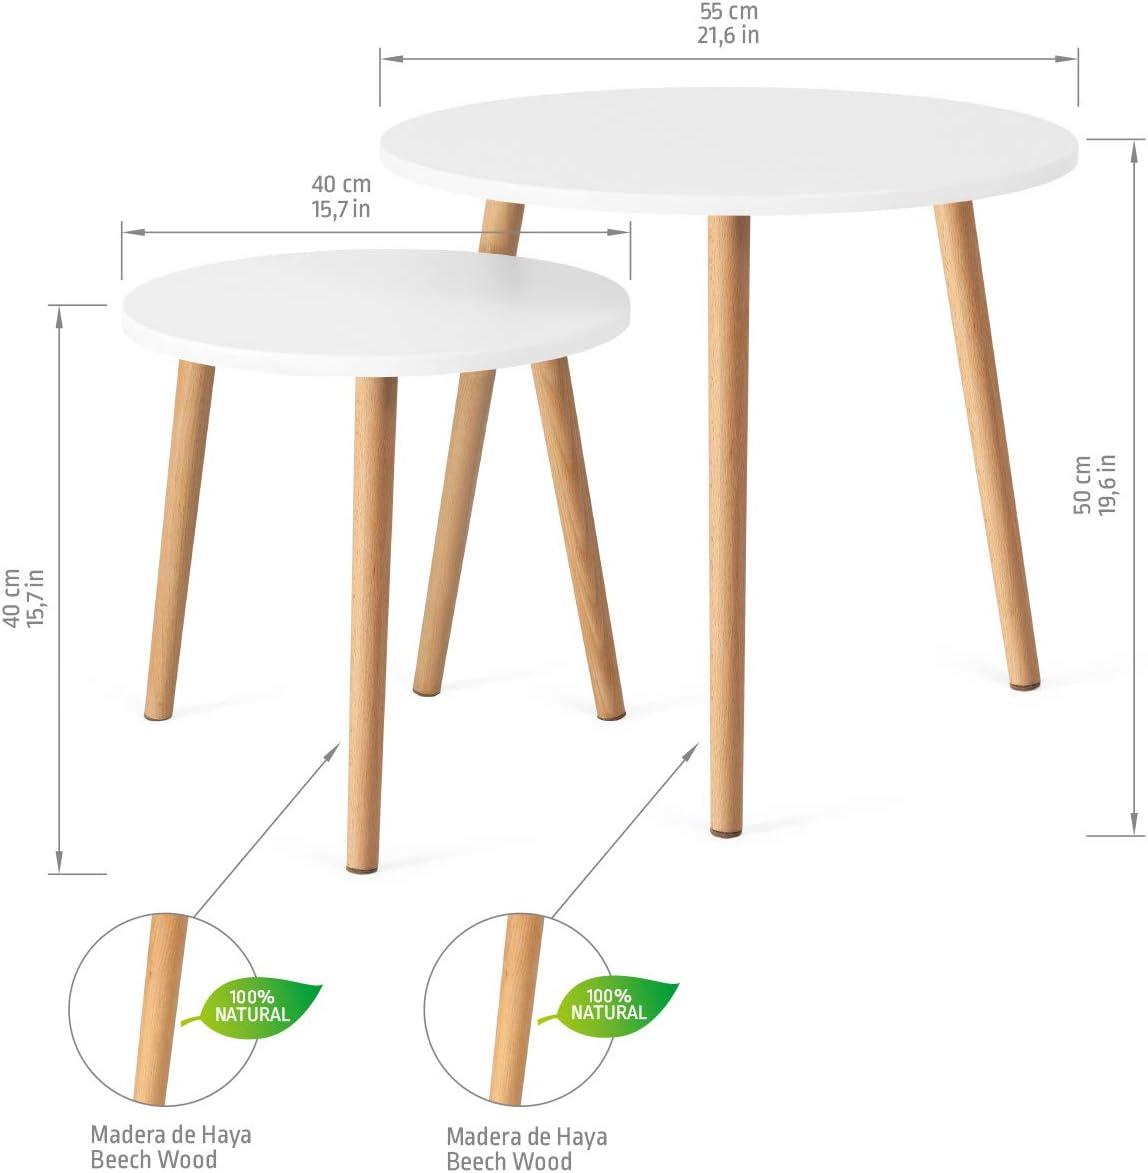 Molto Resistenti COMIFORT Coppia di Tavolini Moderno e Minimalista Tavolini Impilabili in Stile Nordico Set di 2 Tavolini Rotondi Colore Bianco e Faggio 100/% Naturale